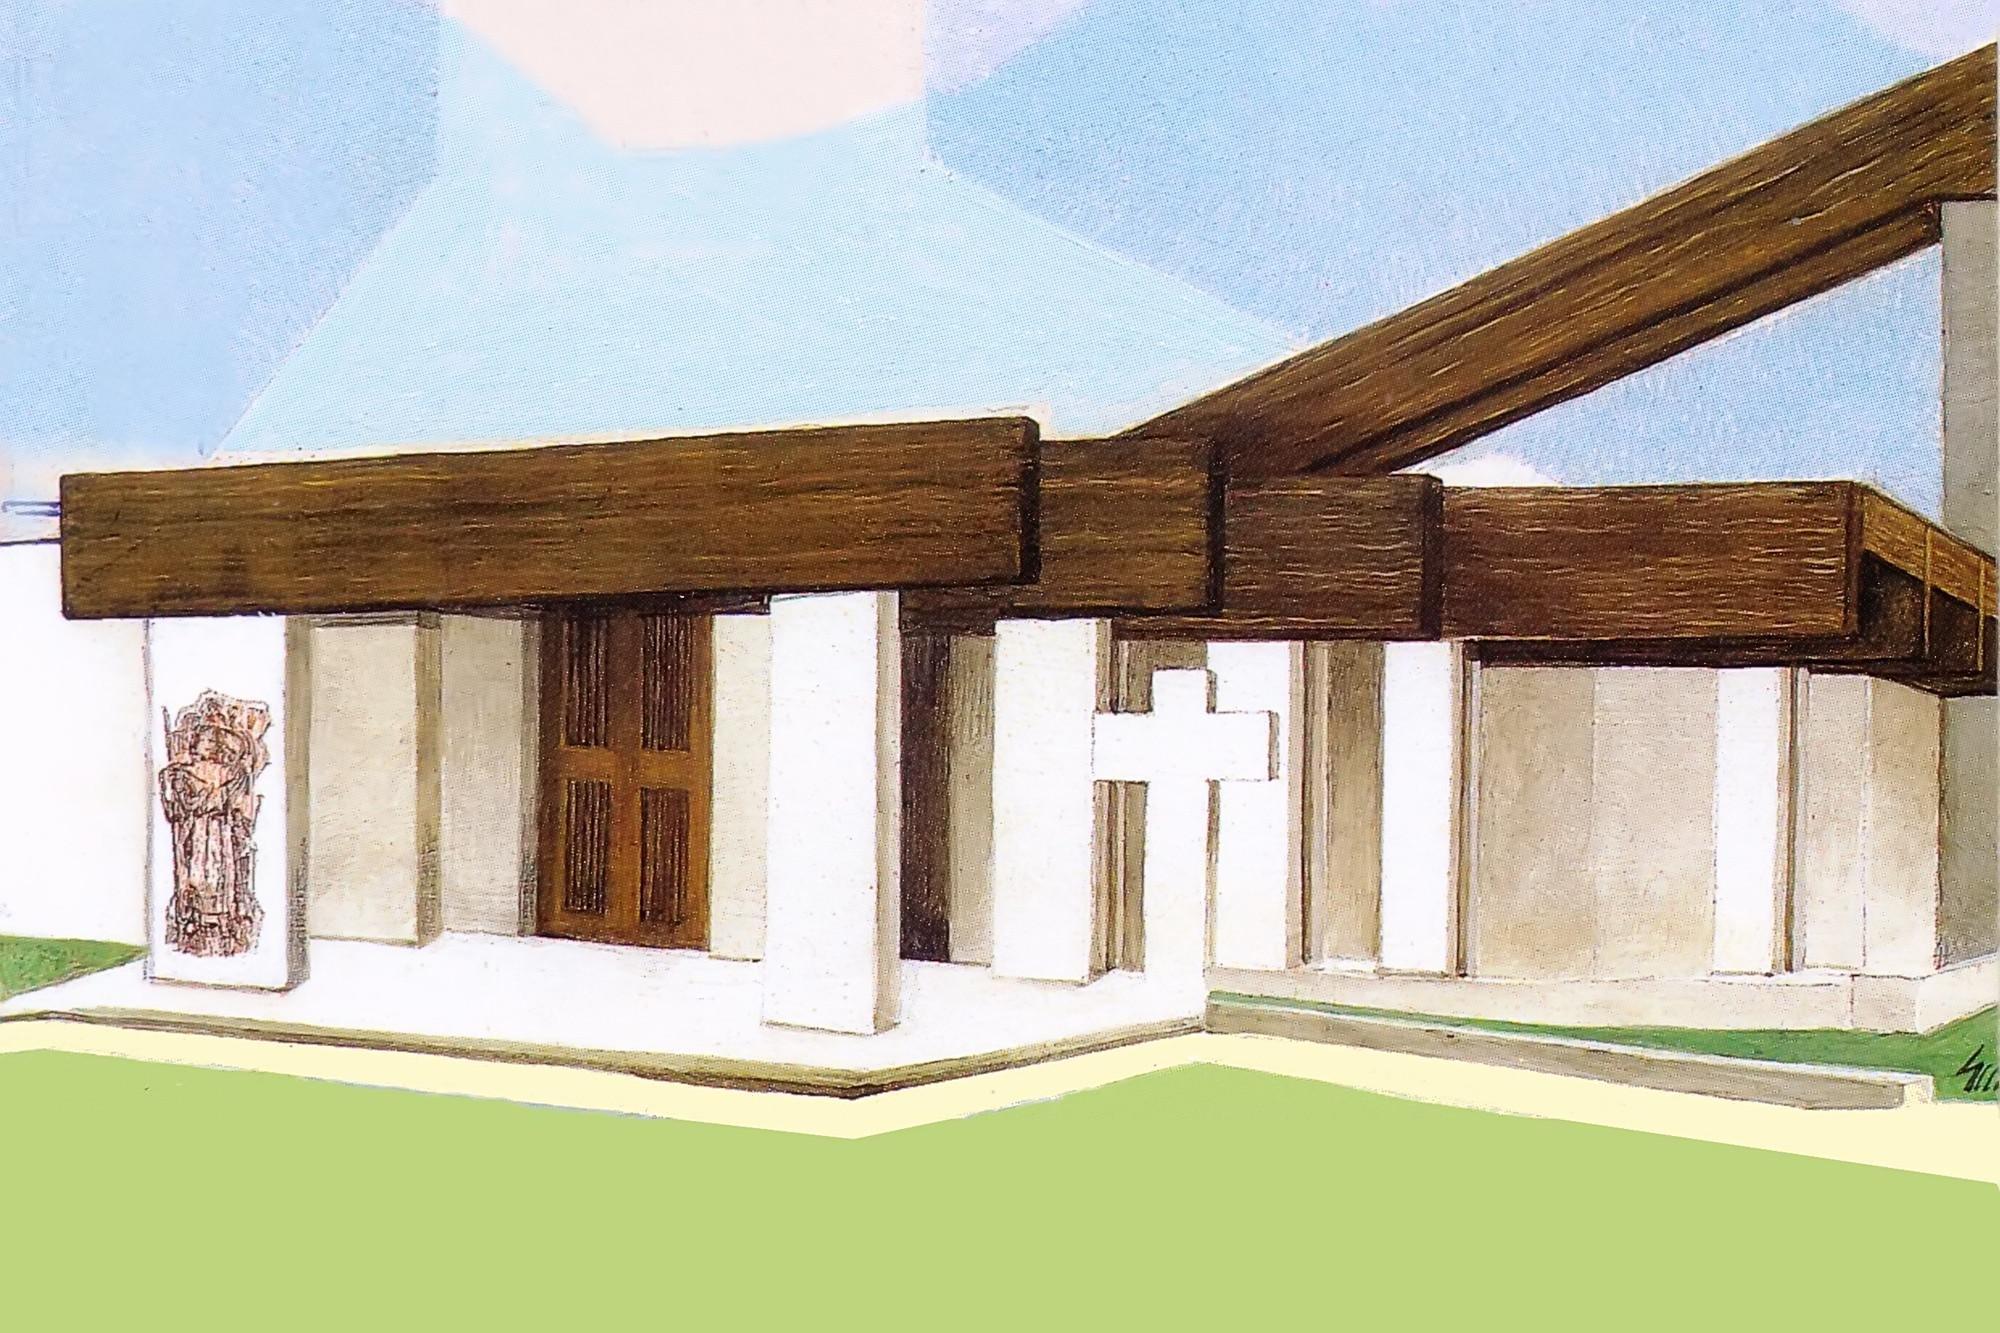 Facciata della nuova Chiesa parrocchiale di Battaglia Terme. Disegno di Giampaolo Milani.